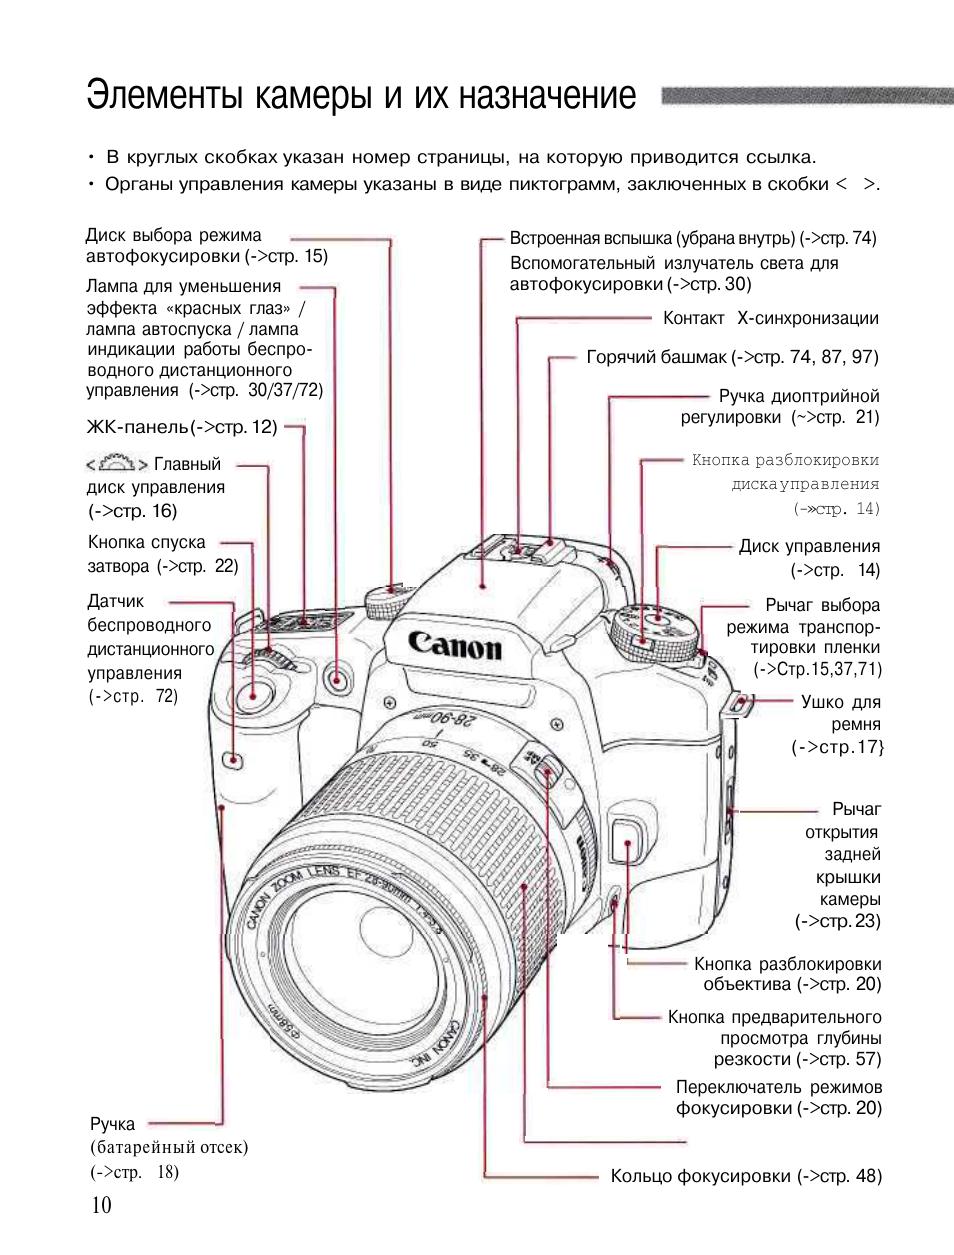 схема как настроить фотоаппарат российского композитора